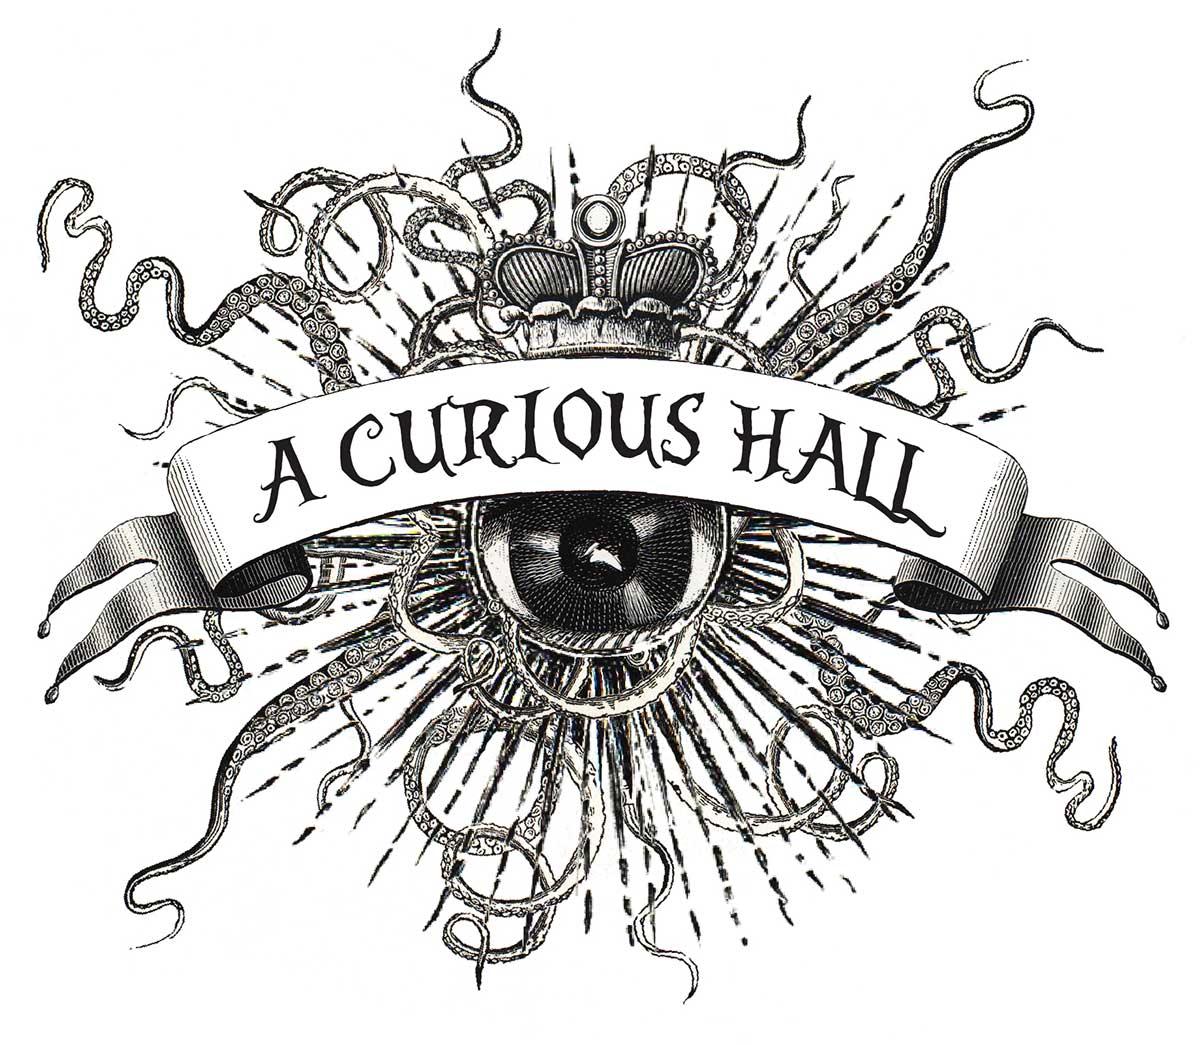 A Curious Hall